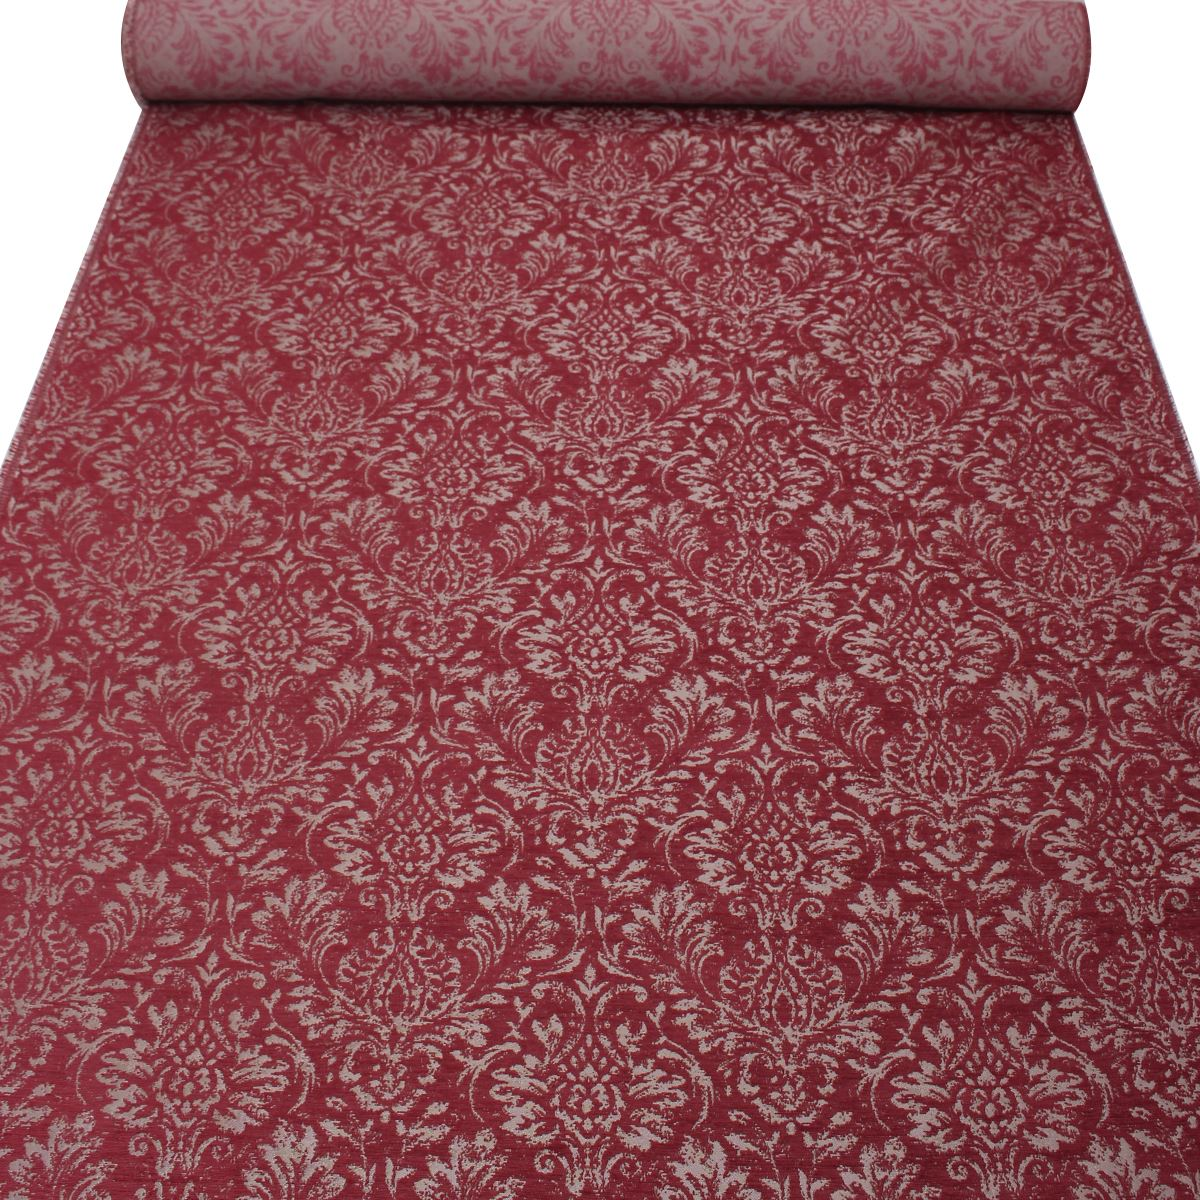 Velvet Chenille Fabric Sofa: Brilliance Damask Slubbed Vintage Velvet Chenille Woven